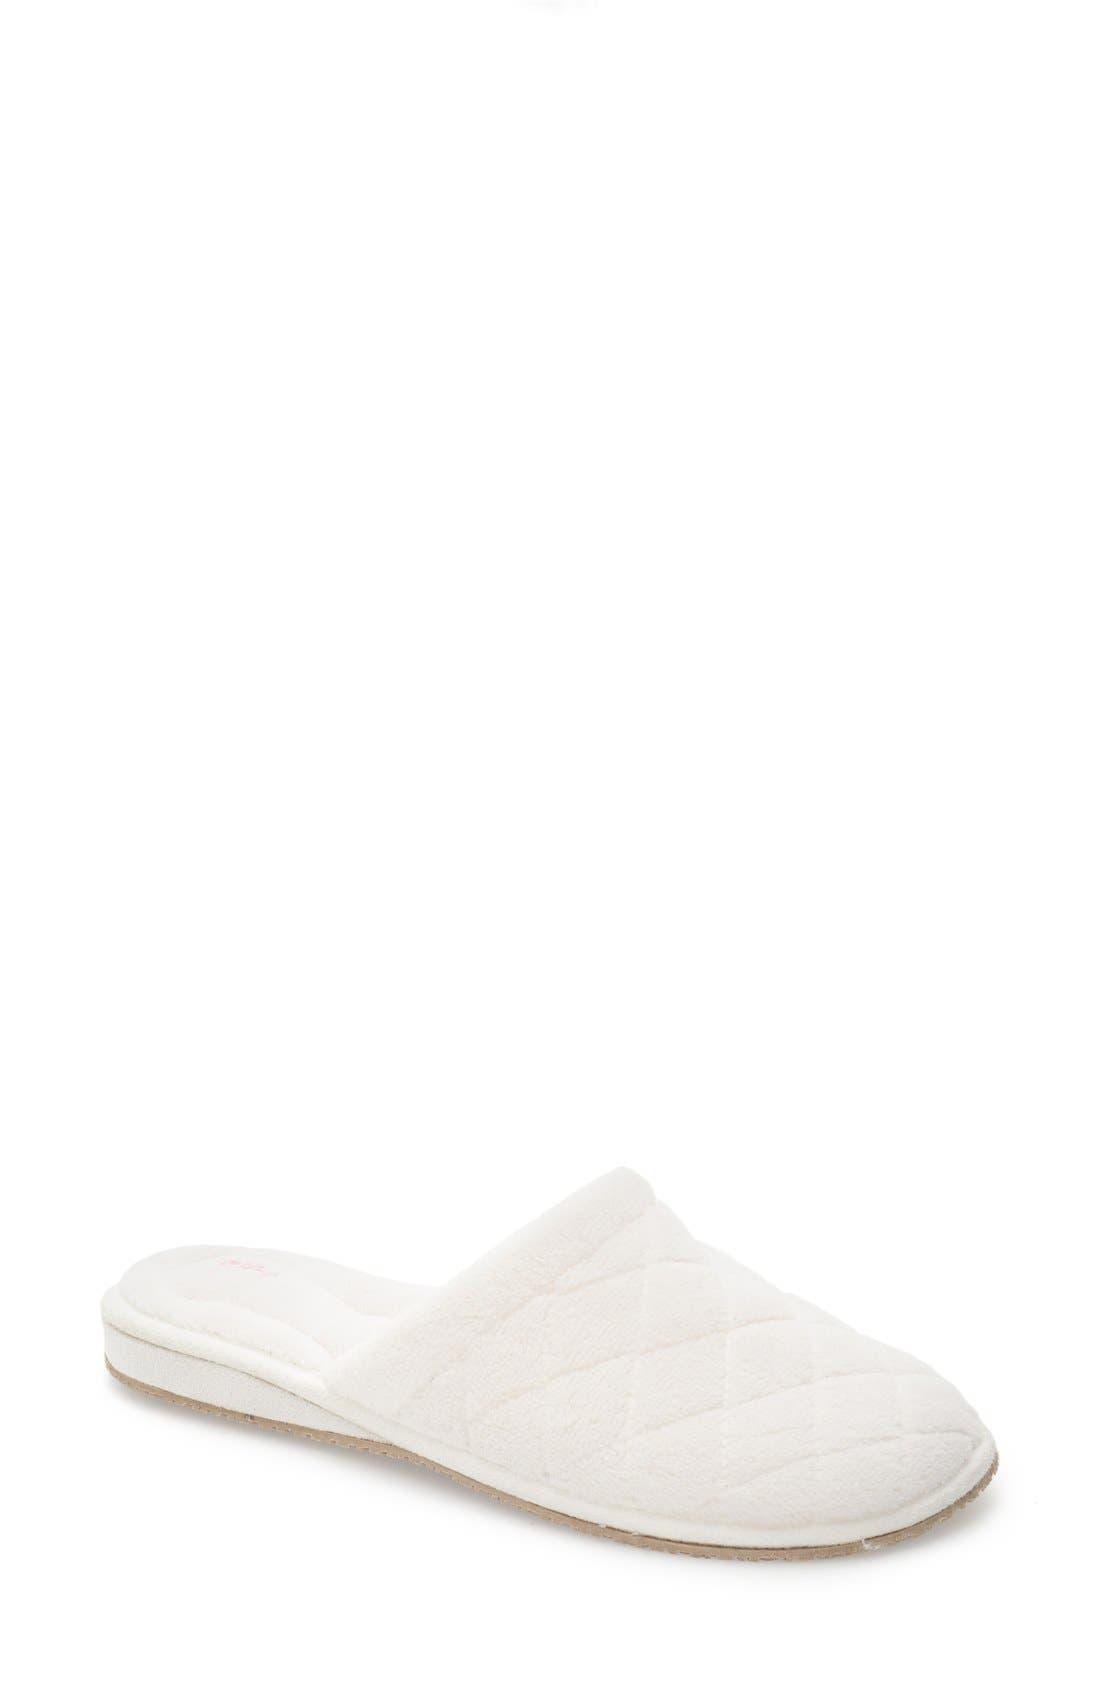 PATRICIA GREEN 'Aria' Plush Slipper, Main, color, WHITE POLYESTER